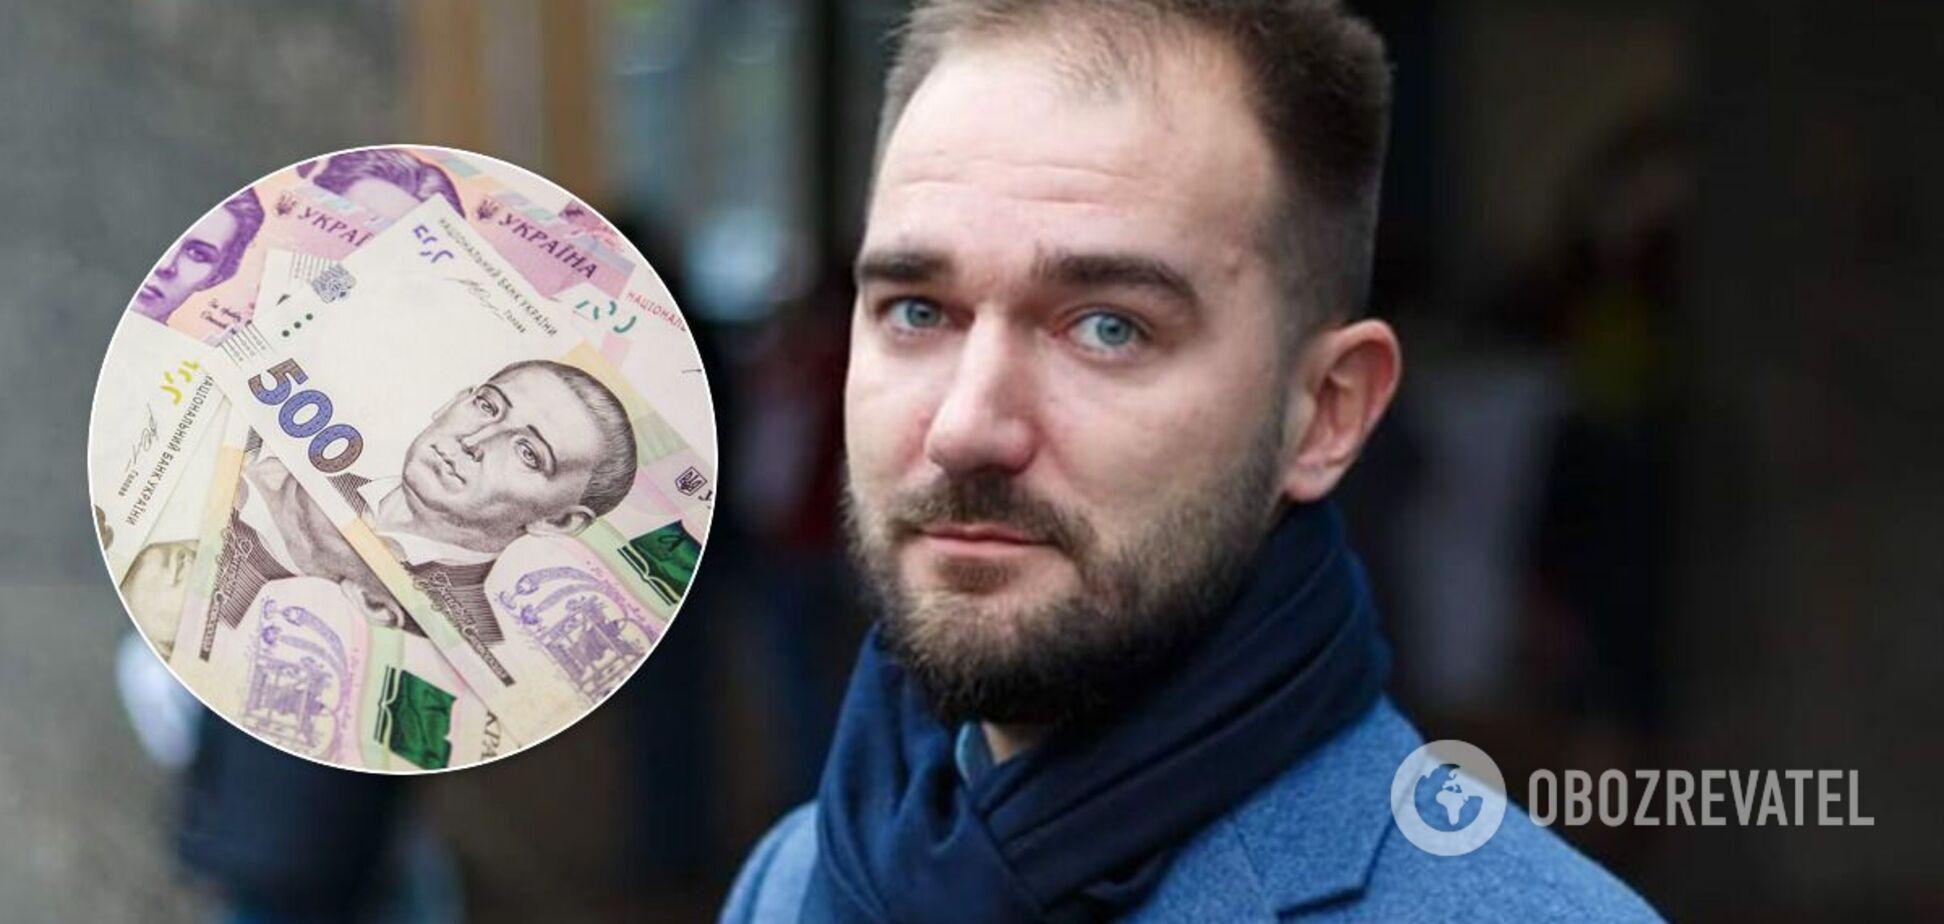 Нардеп Юрченко вніс заставу і вийшов із СІЗО